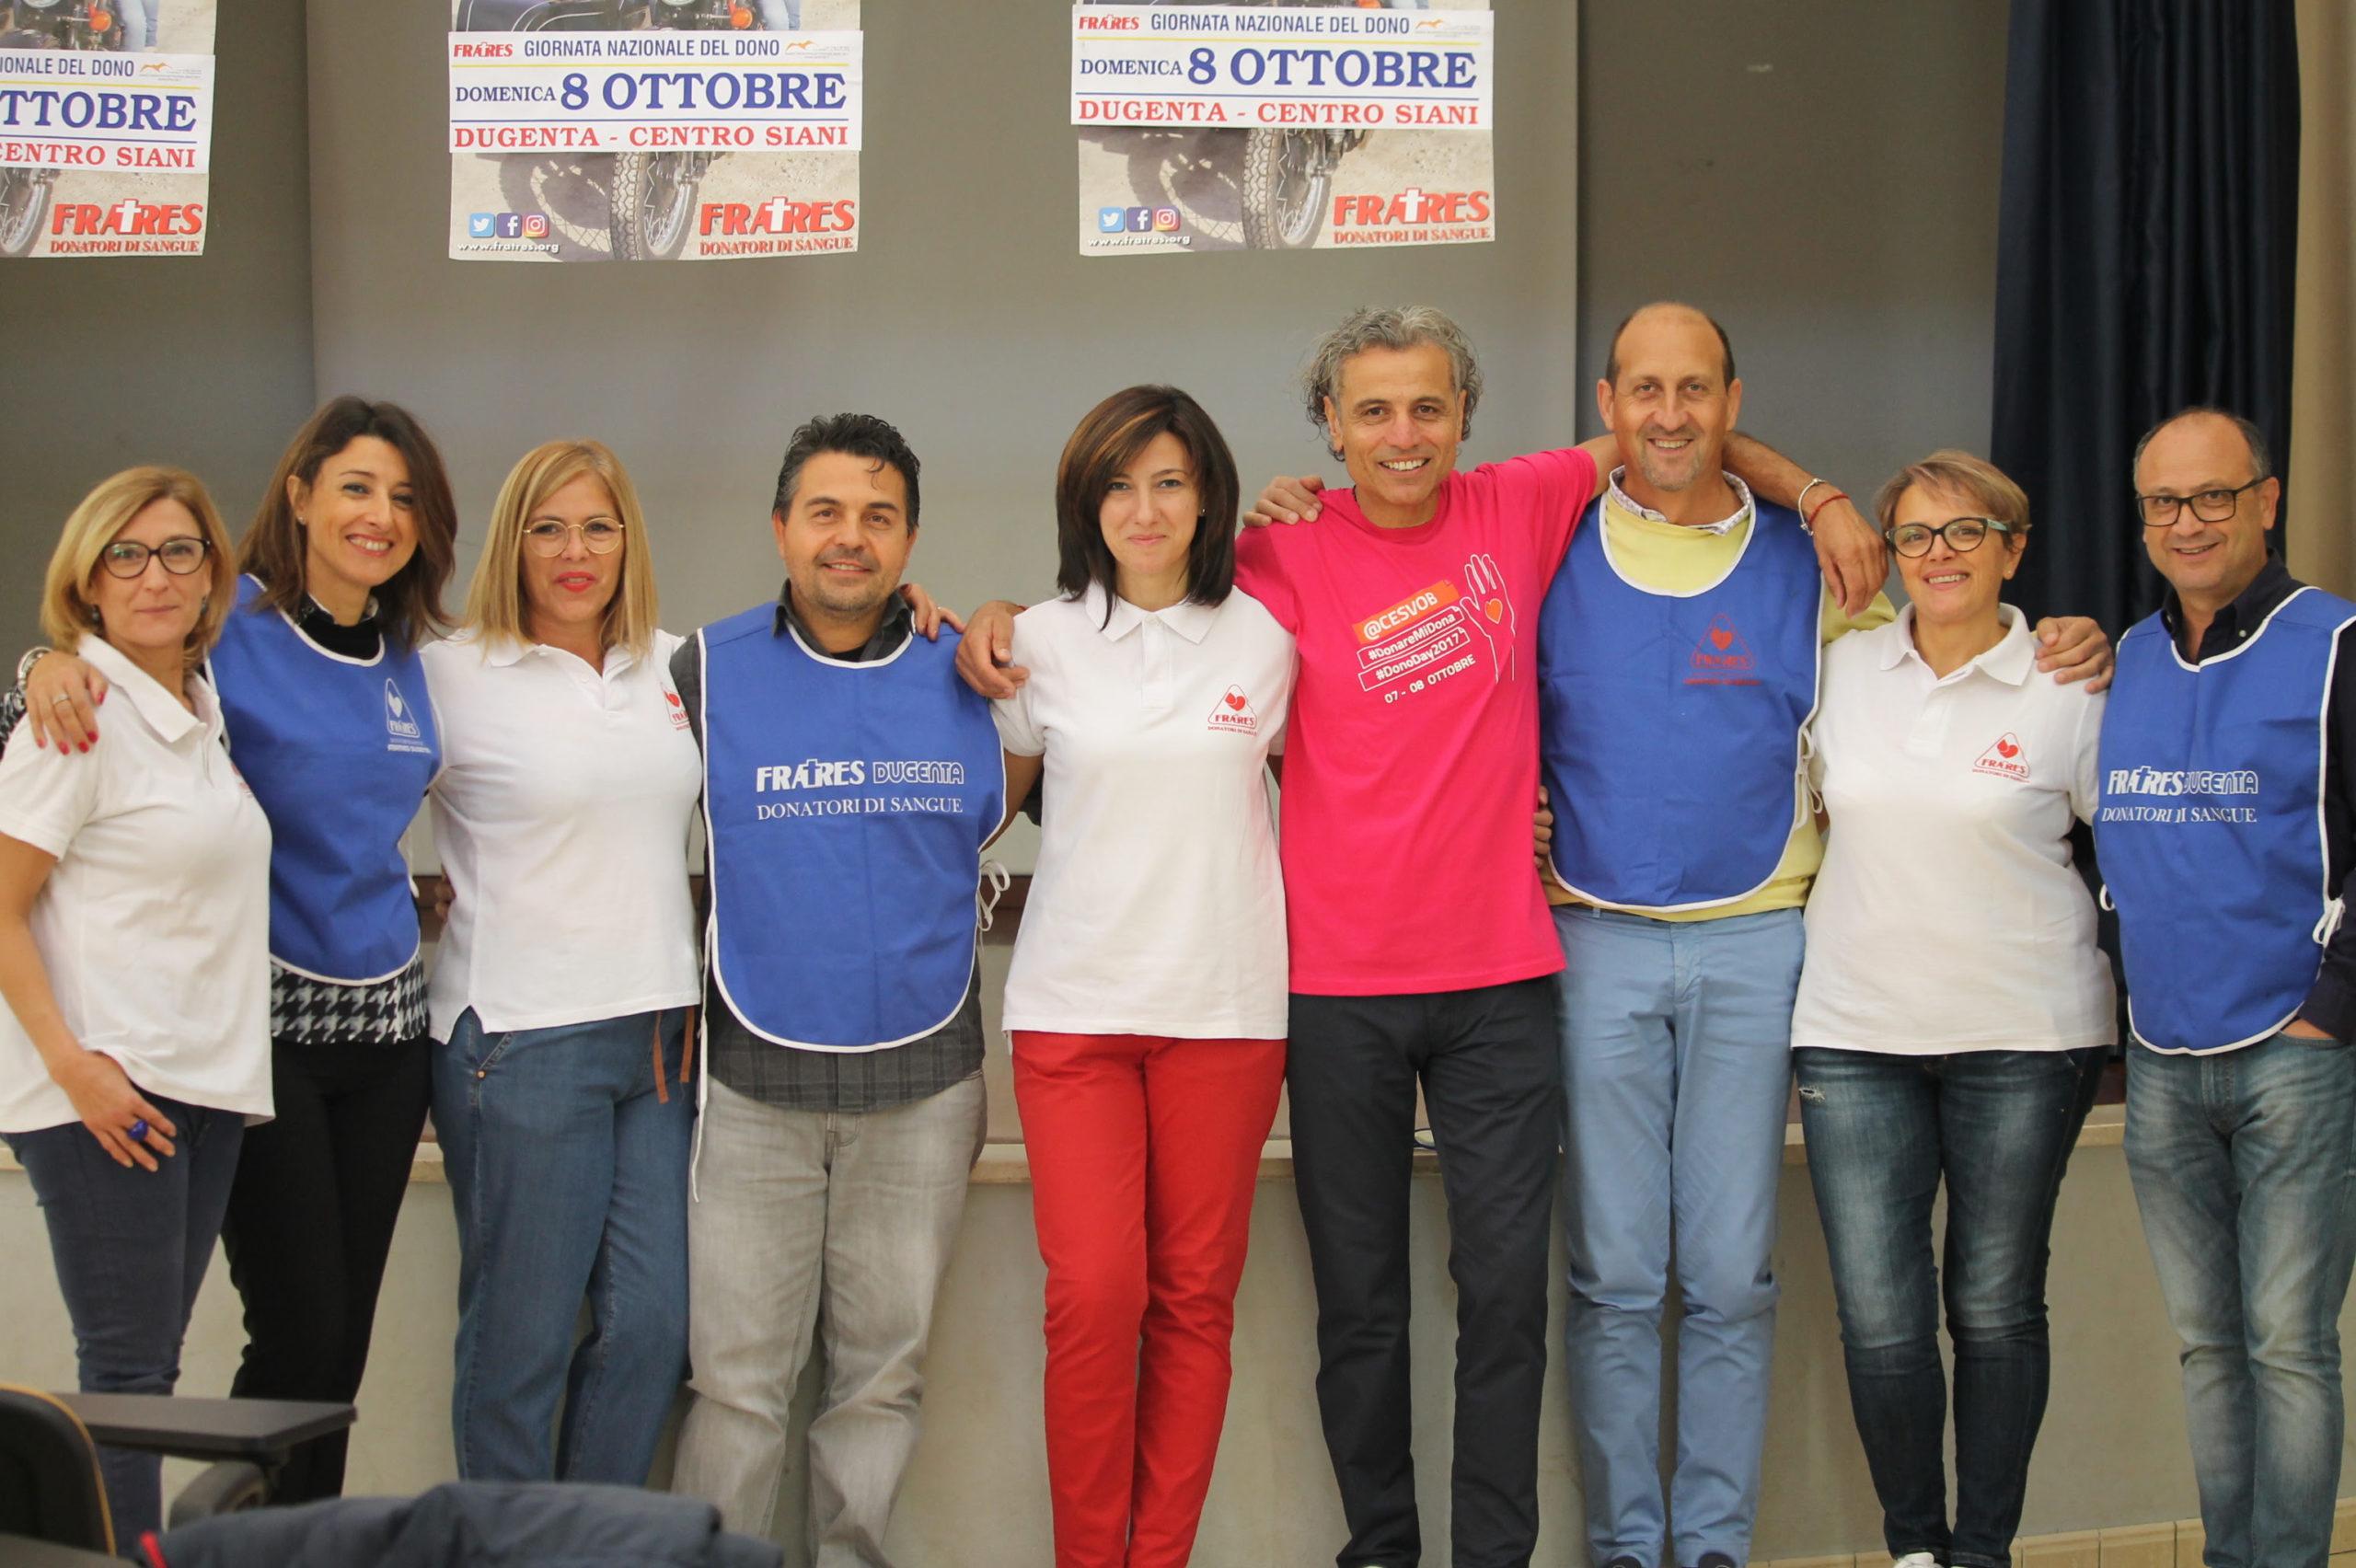 Fratres, i donatori di sangue aprono sede a Montesarchio